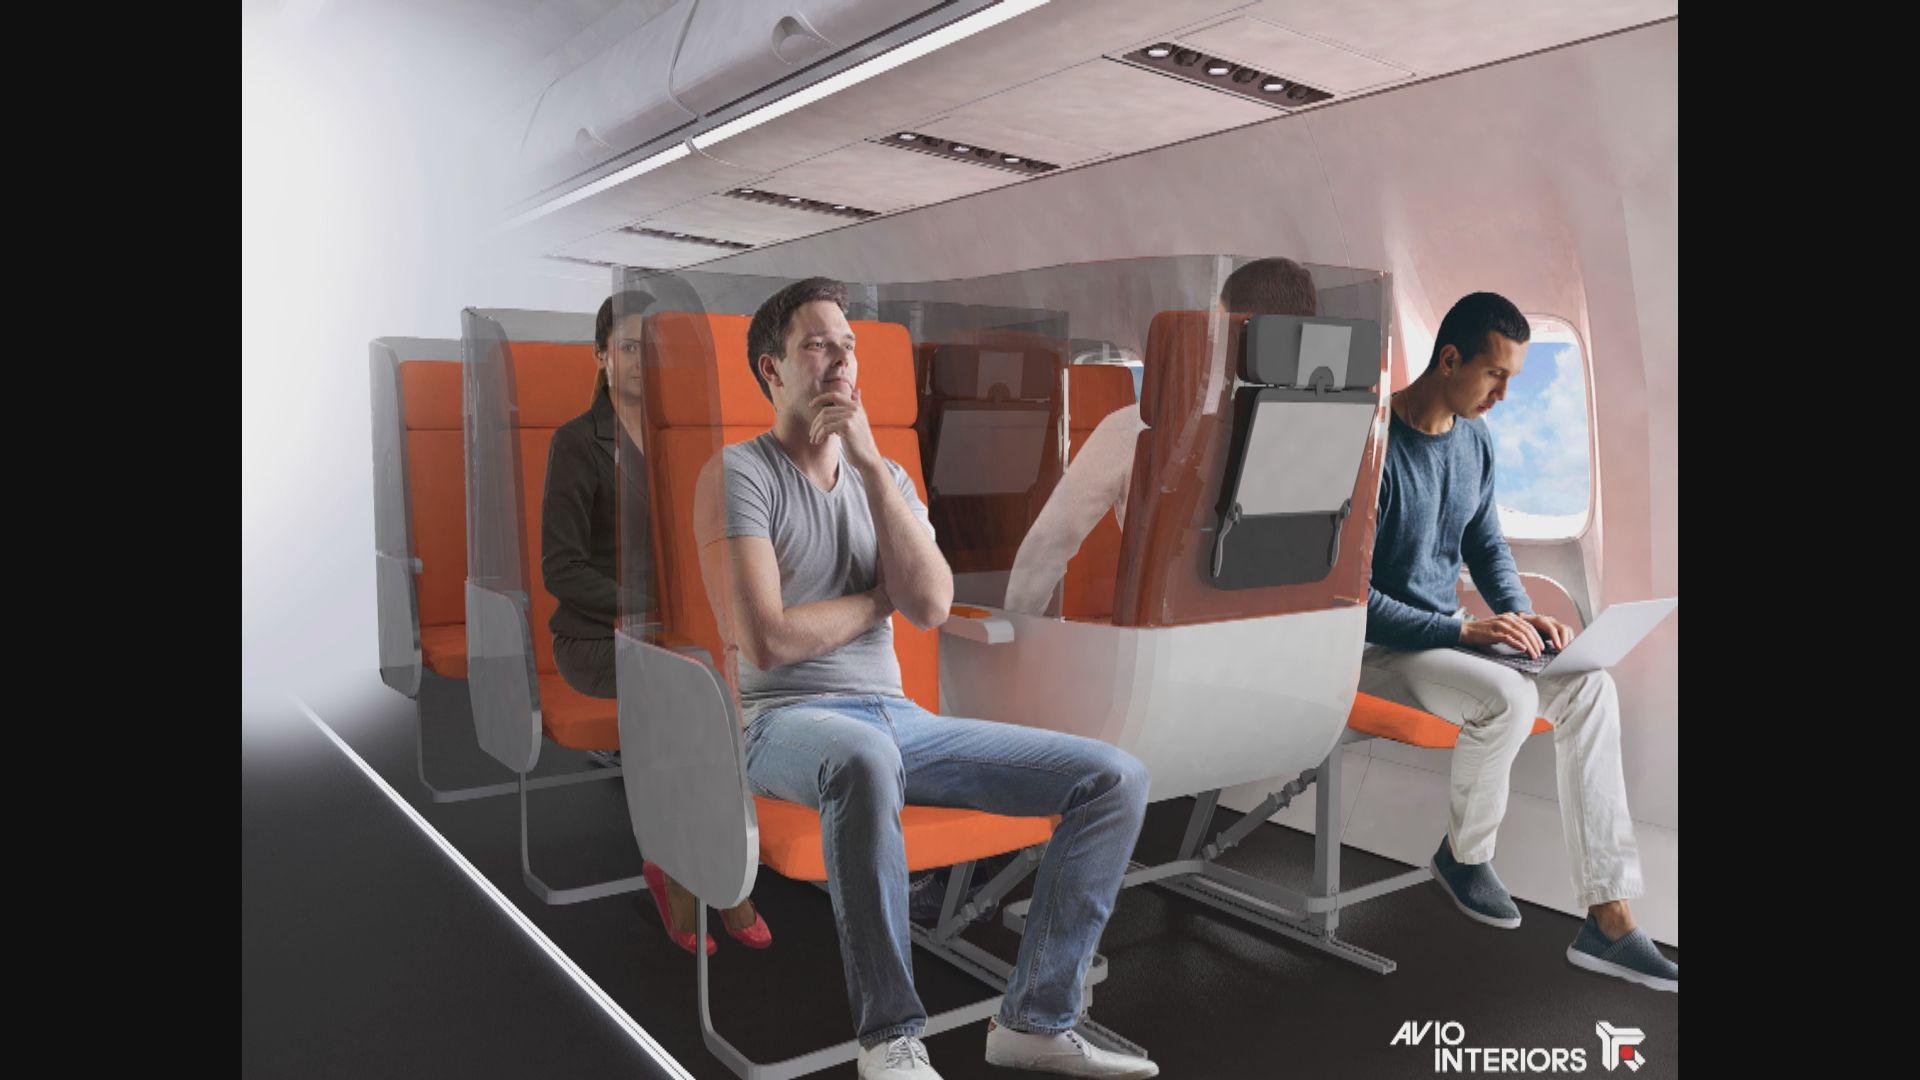 外國多間公司設計新機艙讓乘客保持社交距離